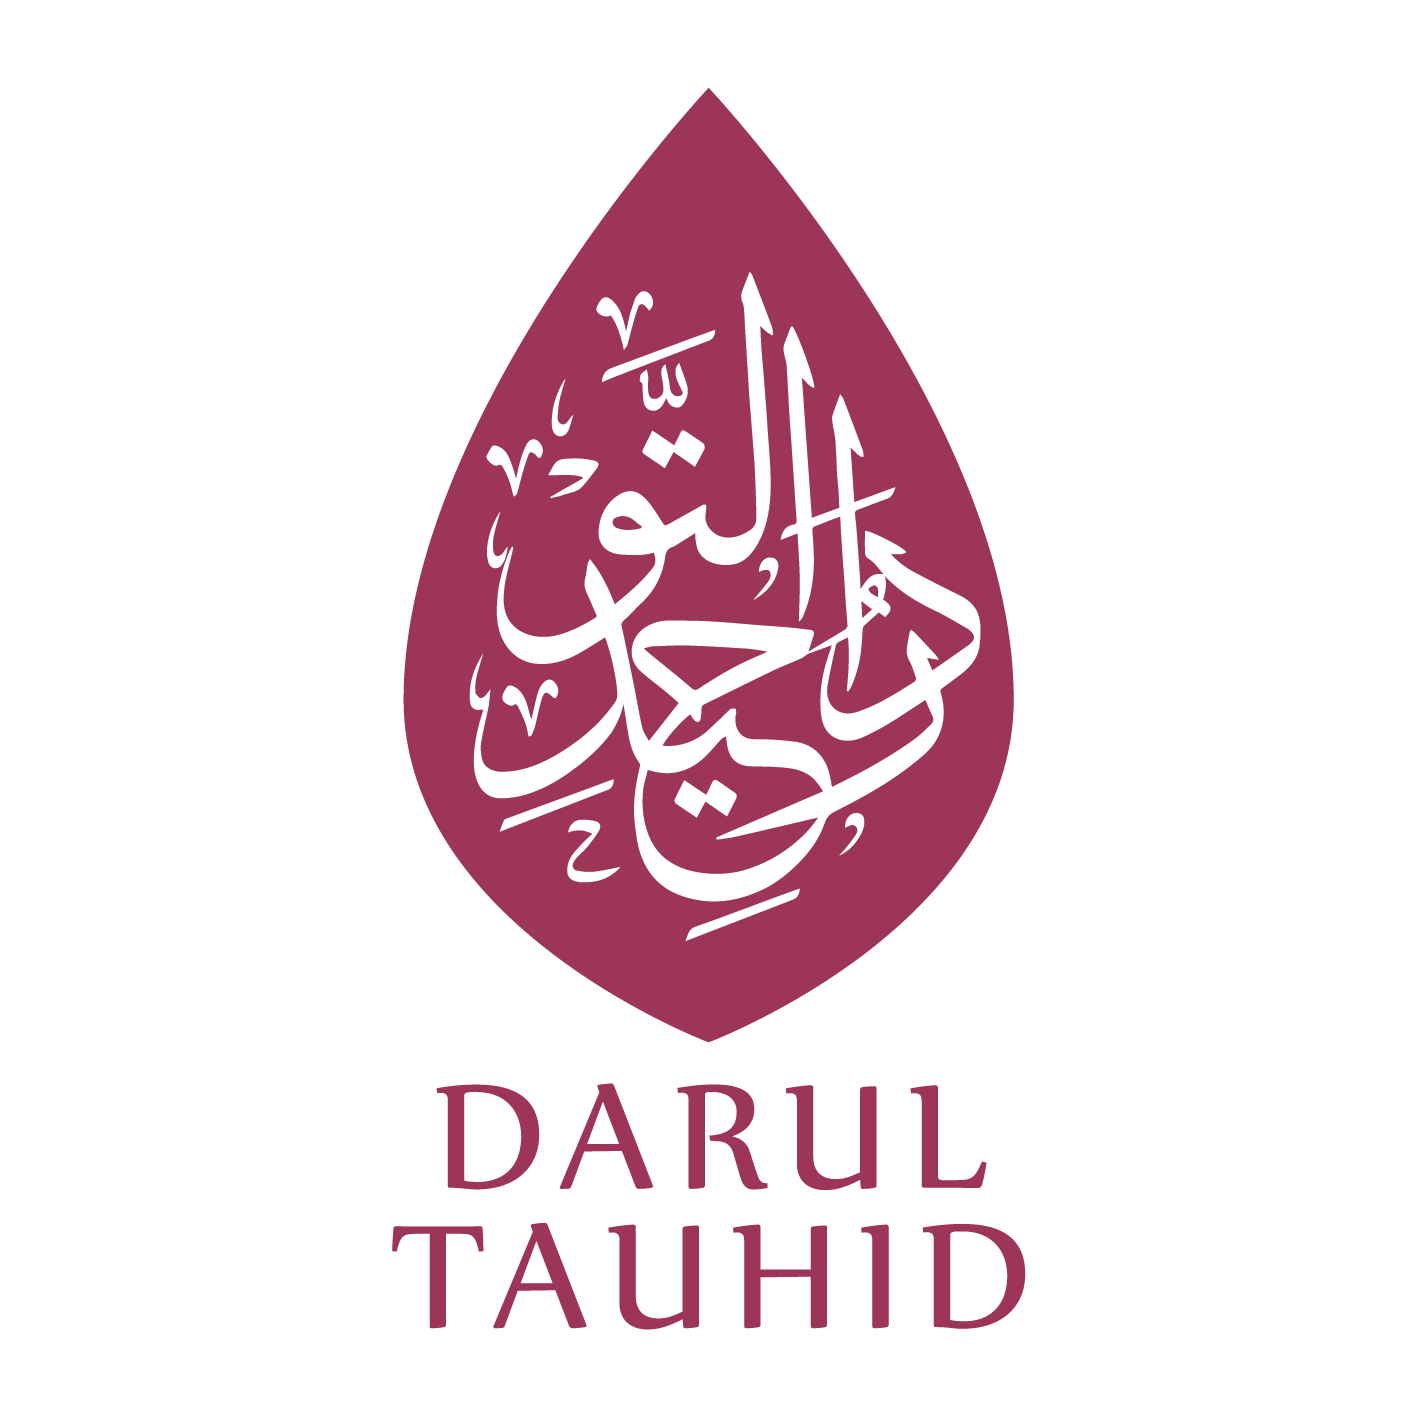 AKADEMI DARUL TAUHID | معهد دار التوحيد